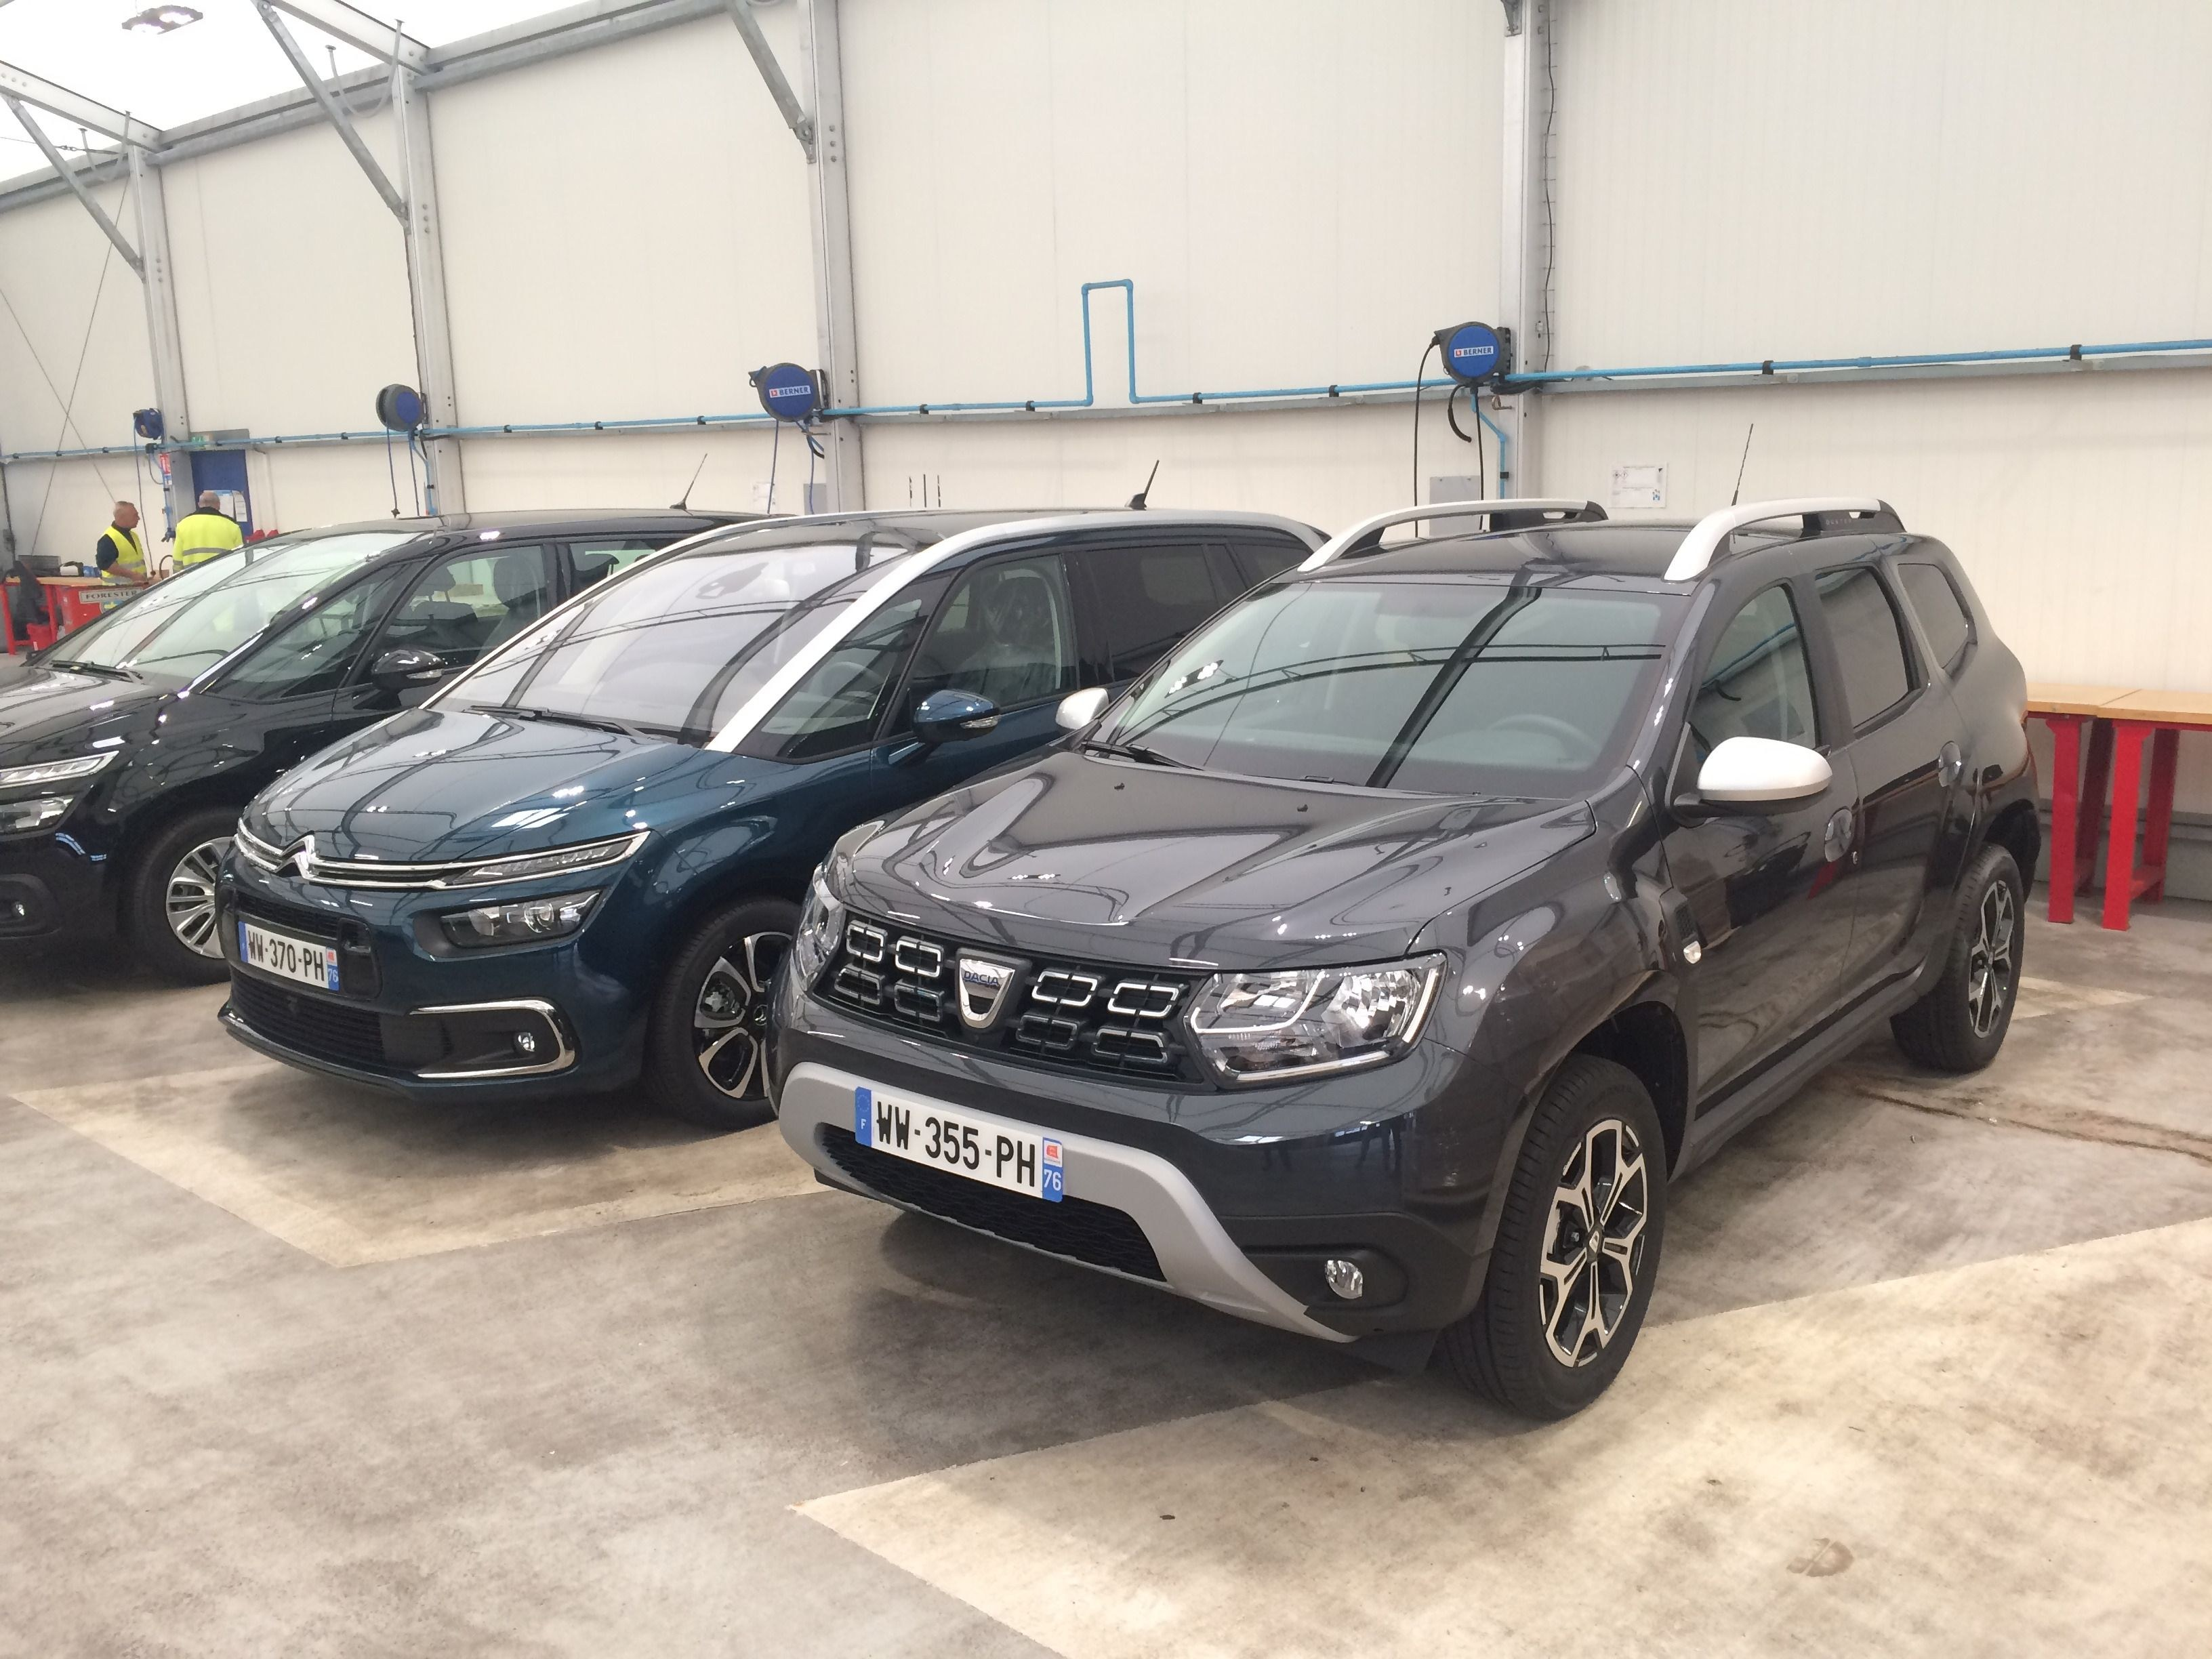 mandataire-auto-Havre-Paris-voiture-vente-autossansfrontieres-Dacia-Duster-2021-essence-GPL-diesel-neuf